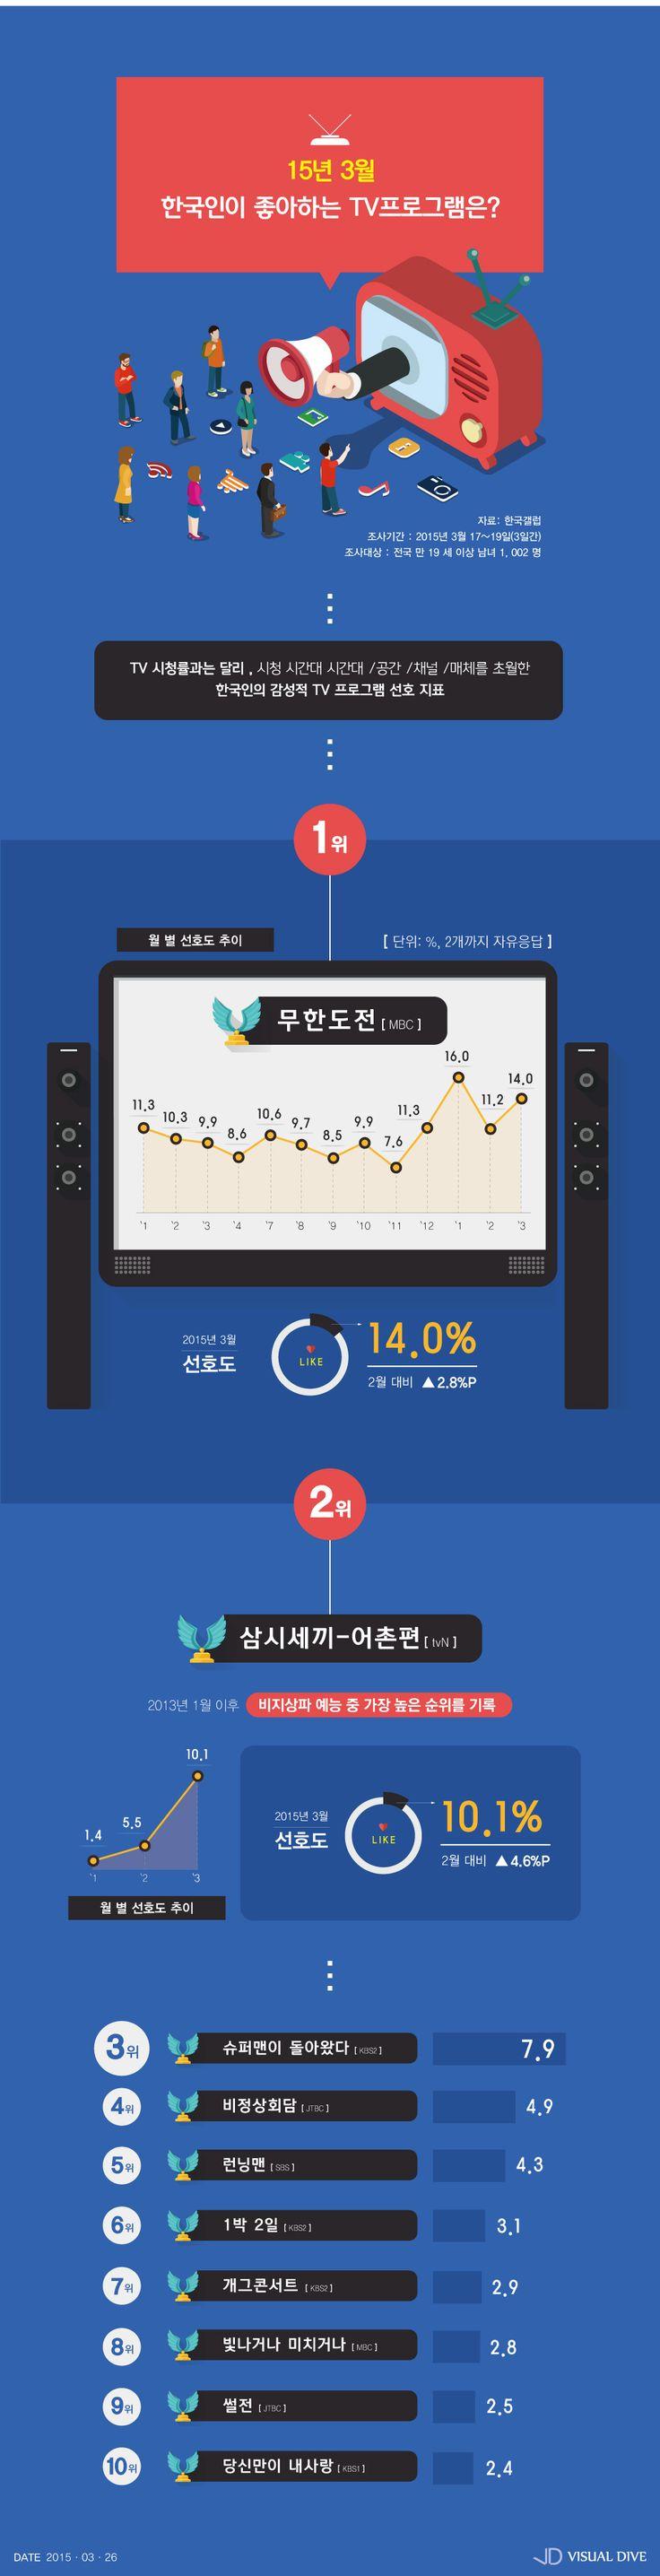 '무한도전', 한국인이 좋아하는 TV프로그램 1위 [인포그래픽] #TV Program / #Infographic ⓒ 비주얼다이브 무단 복사·전재·재배포 금지